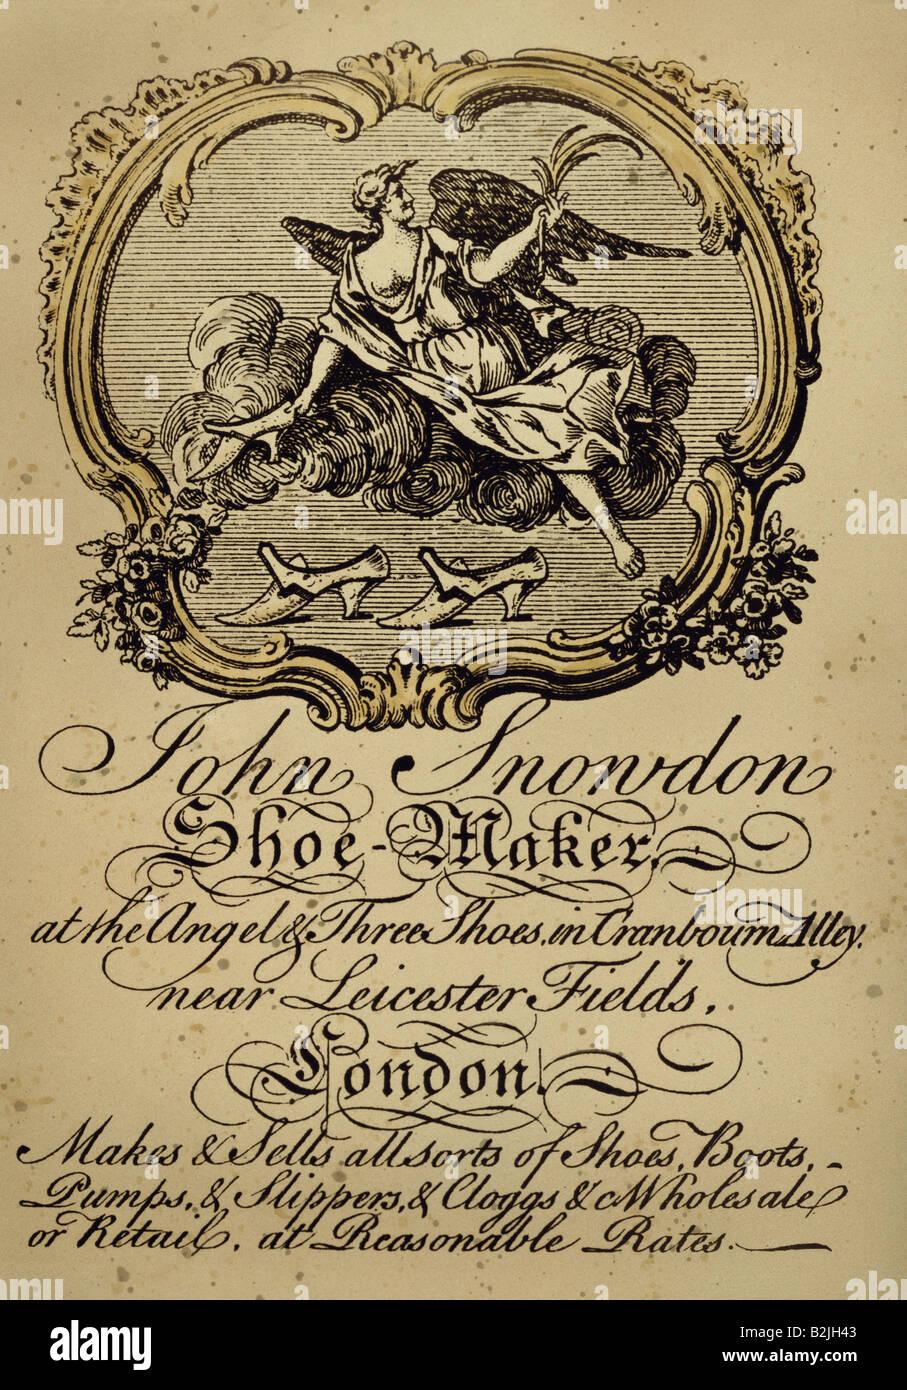 La Publicit Les Cartes De Visite Carte Dun Cordonnier Londres Gravure Sur Cuivre Vers 1750 Lartiste Na Pas Dauteur Pour Tre